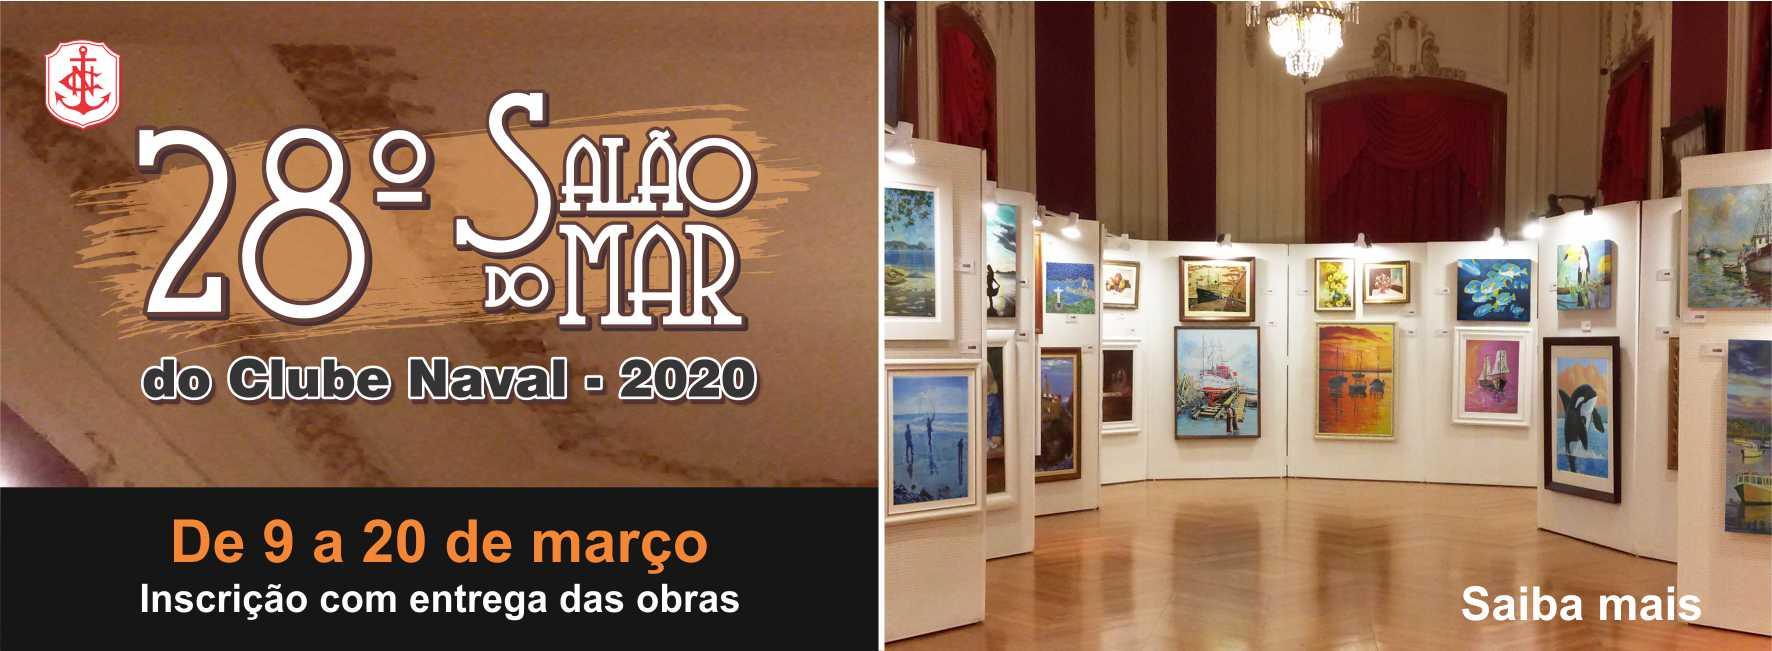 https://www.clubenaval.org.br/novo/?q=28%C2%BA-sal%C3%A3o-do-mar-2020